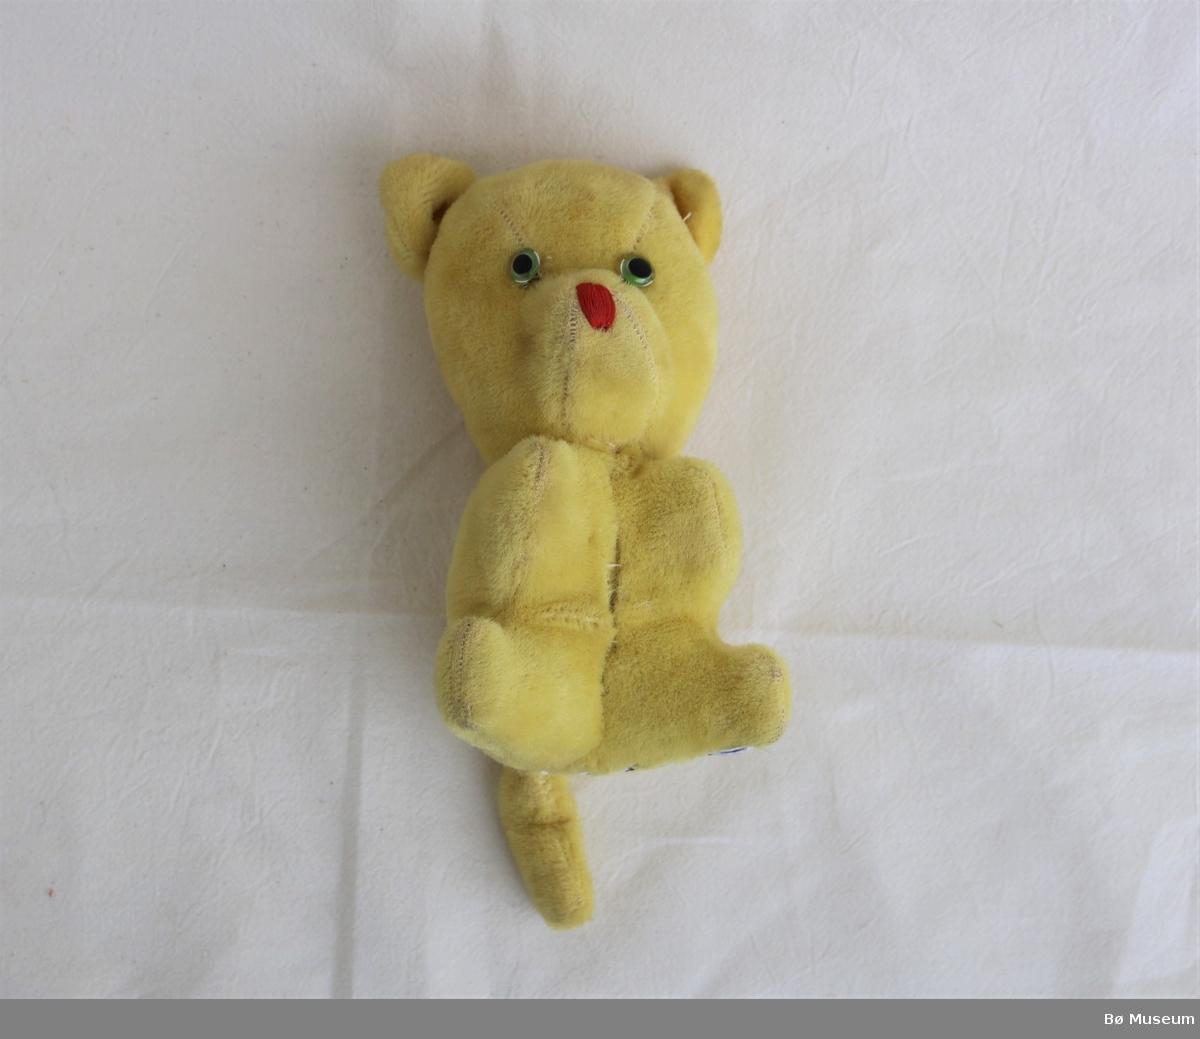 Sittande bjørn med brodert snute, og glasauge som er festa med ståltråd. Søm langsmed mage og rygg samt langsmed beina. Innfelt stykke i hovudet. Påsydde øyre og hale.